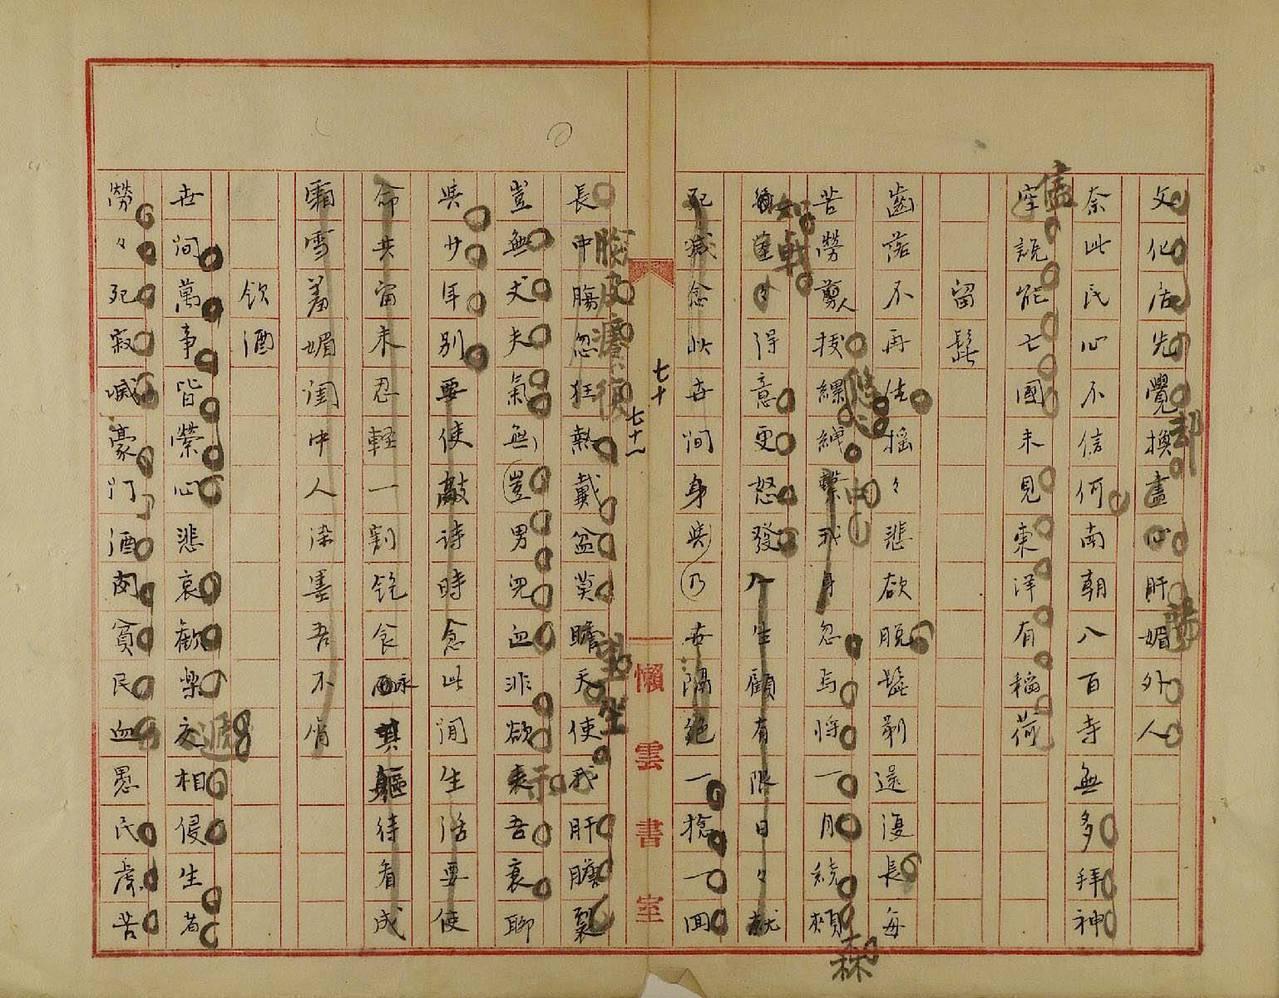 賴和詩作〈飲酒〉手稿。(轉載自賴和紀念館網站)